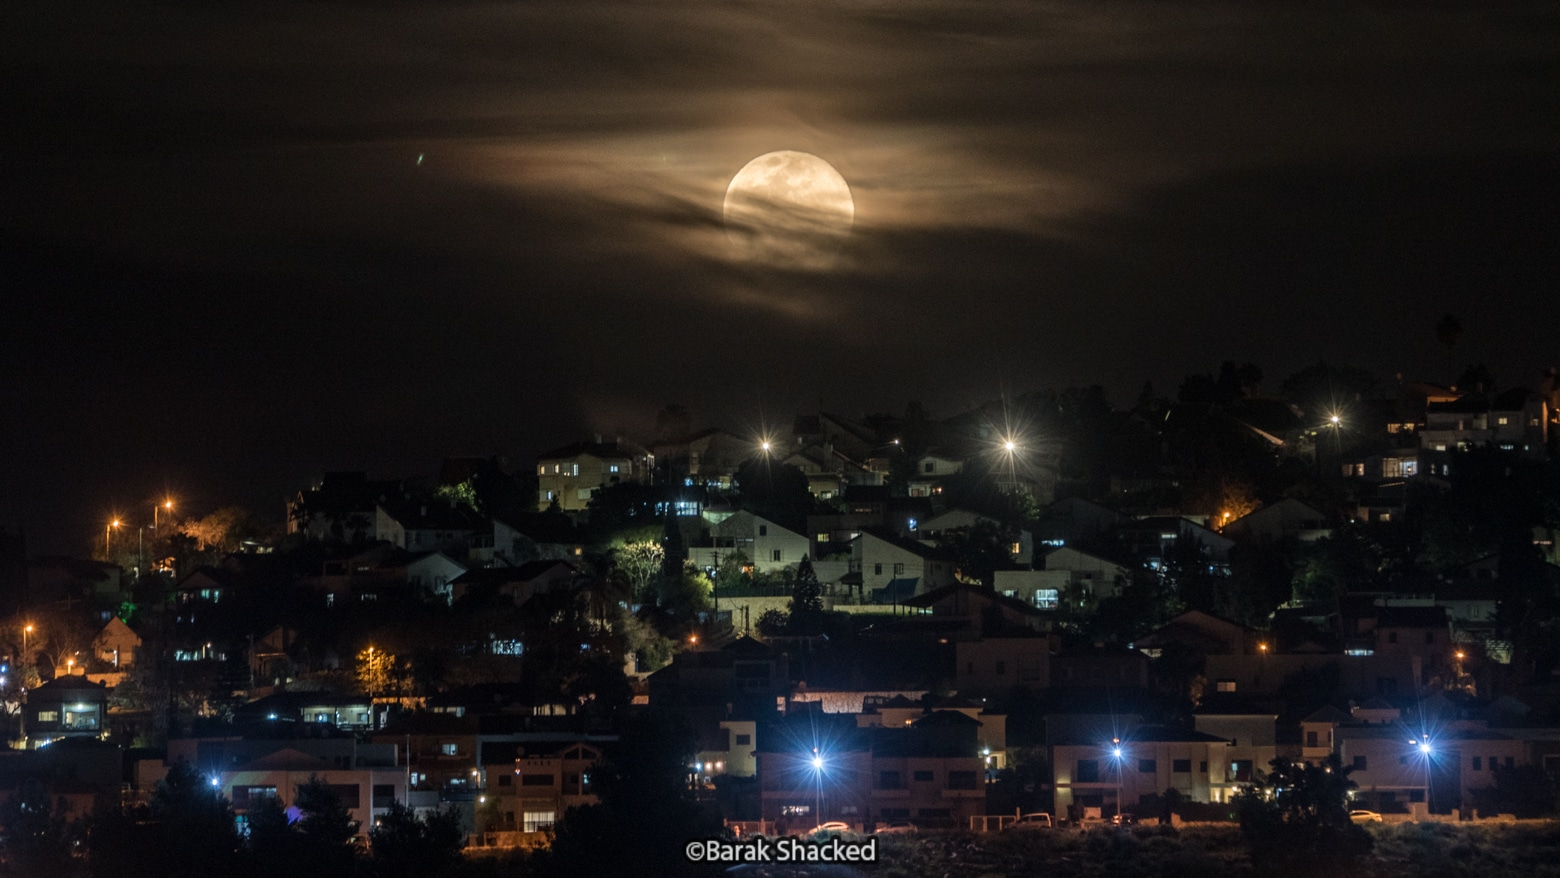 צילום ירח מעל עיר